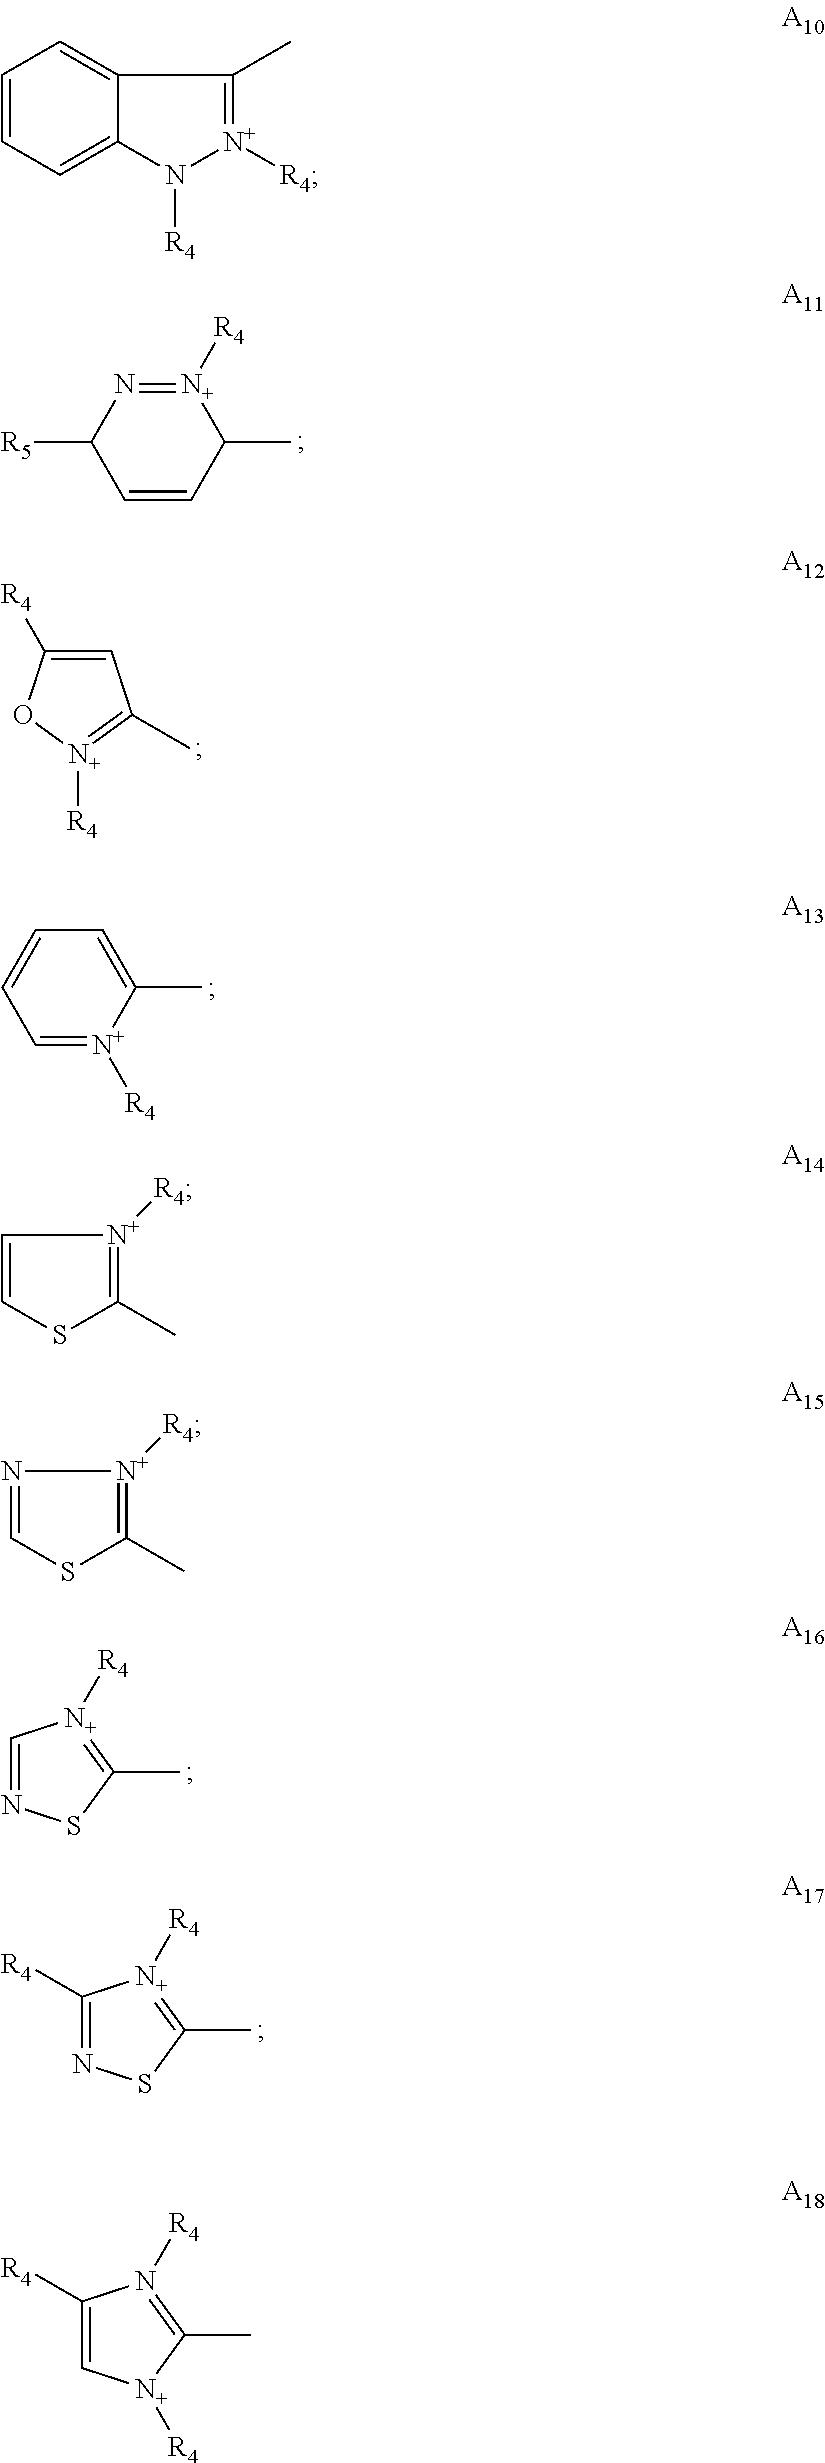 Figure US20110158925A1-20110630-C00015